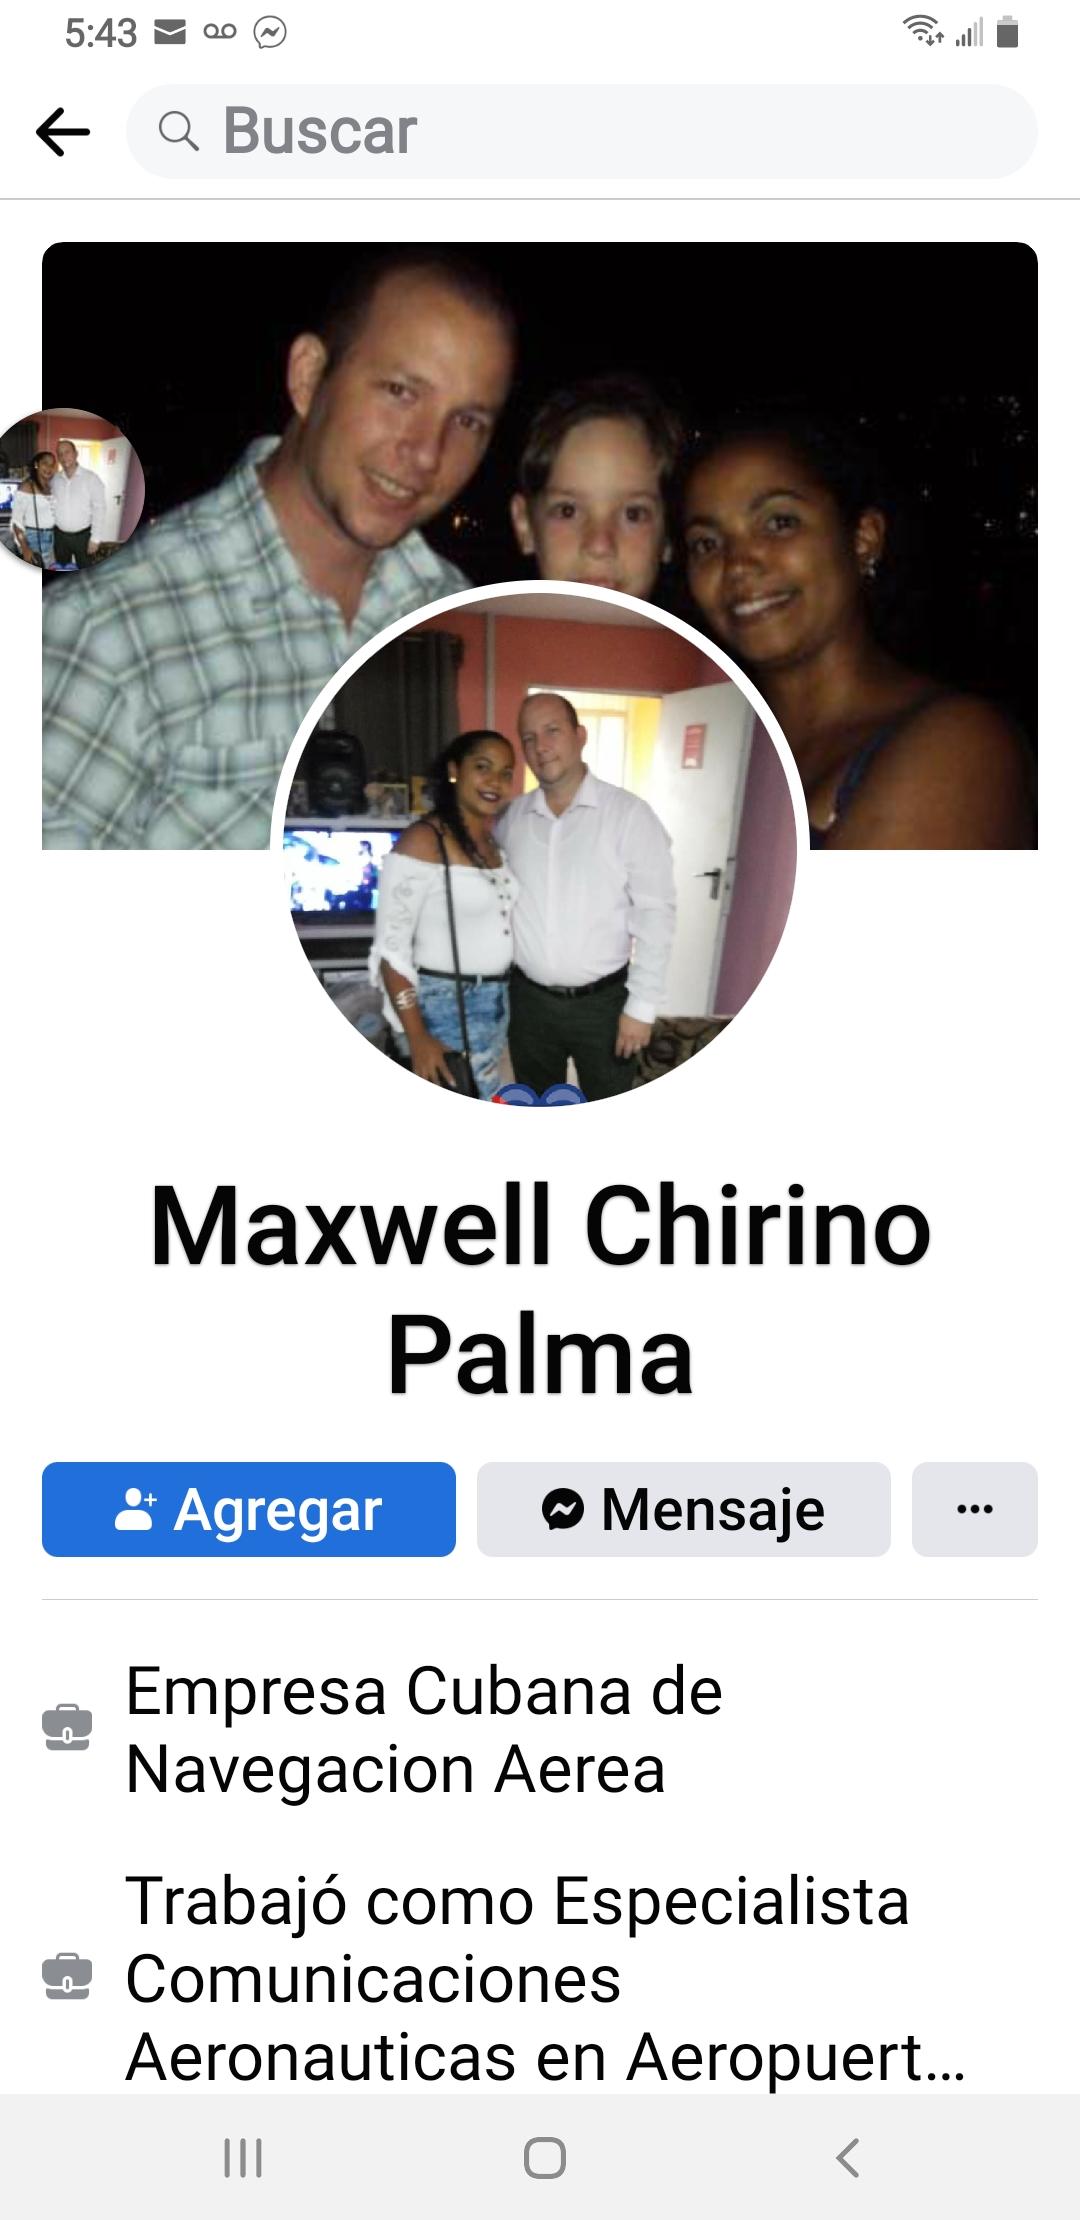 Maxwell chirino palma